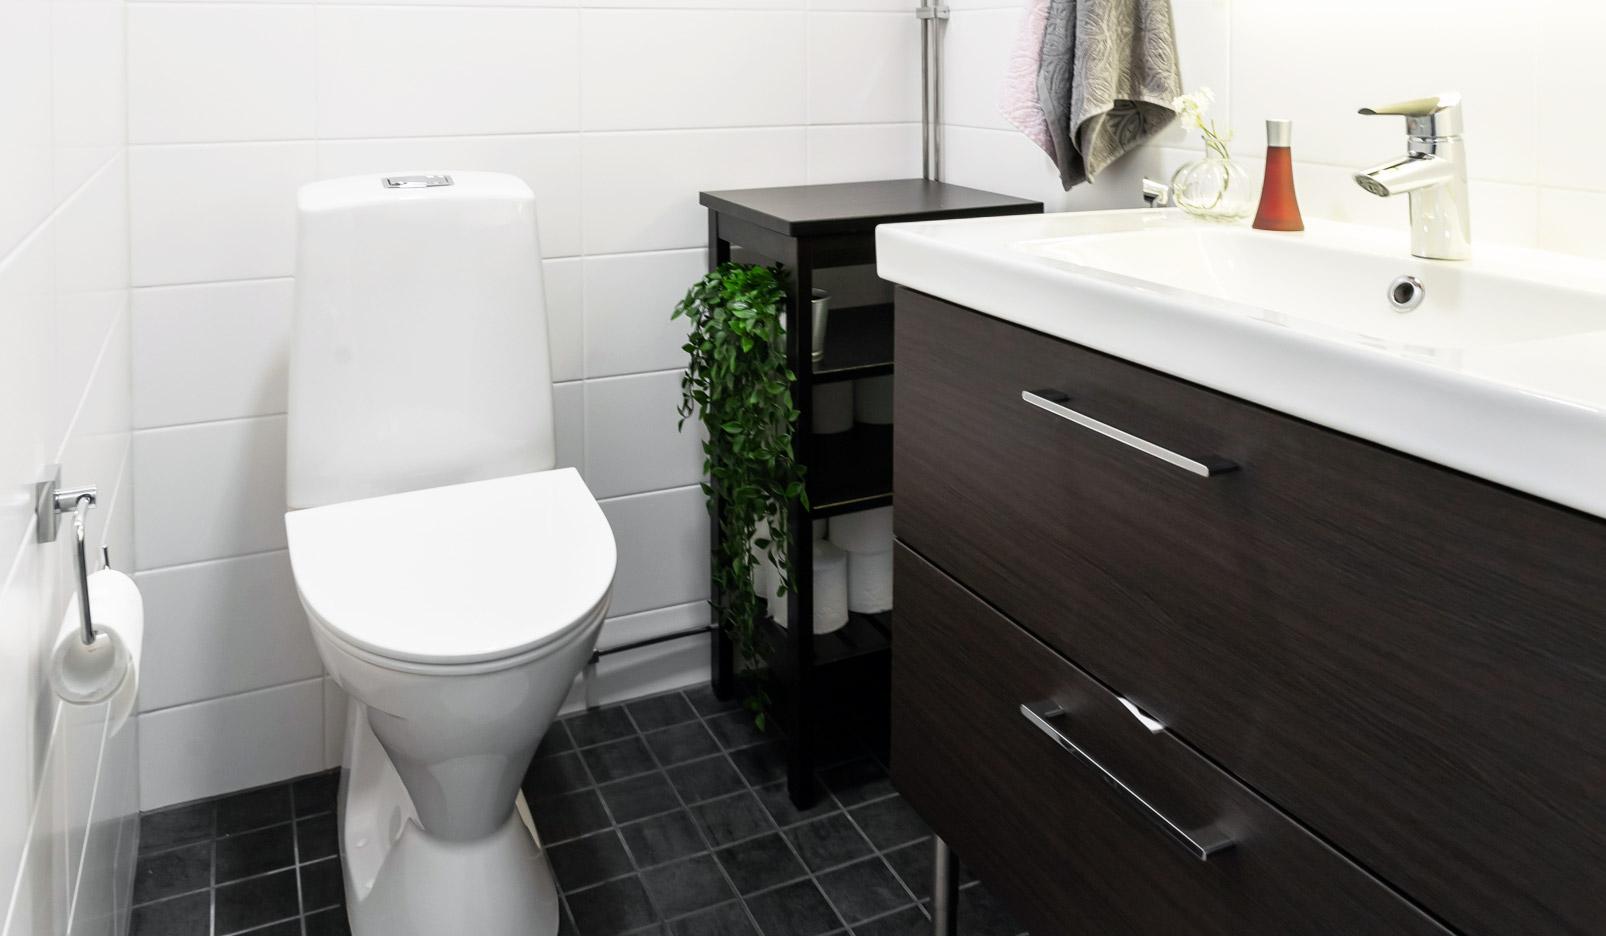 WC:n kalusteasennukset Pirkanmaalla.